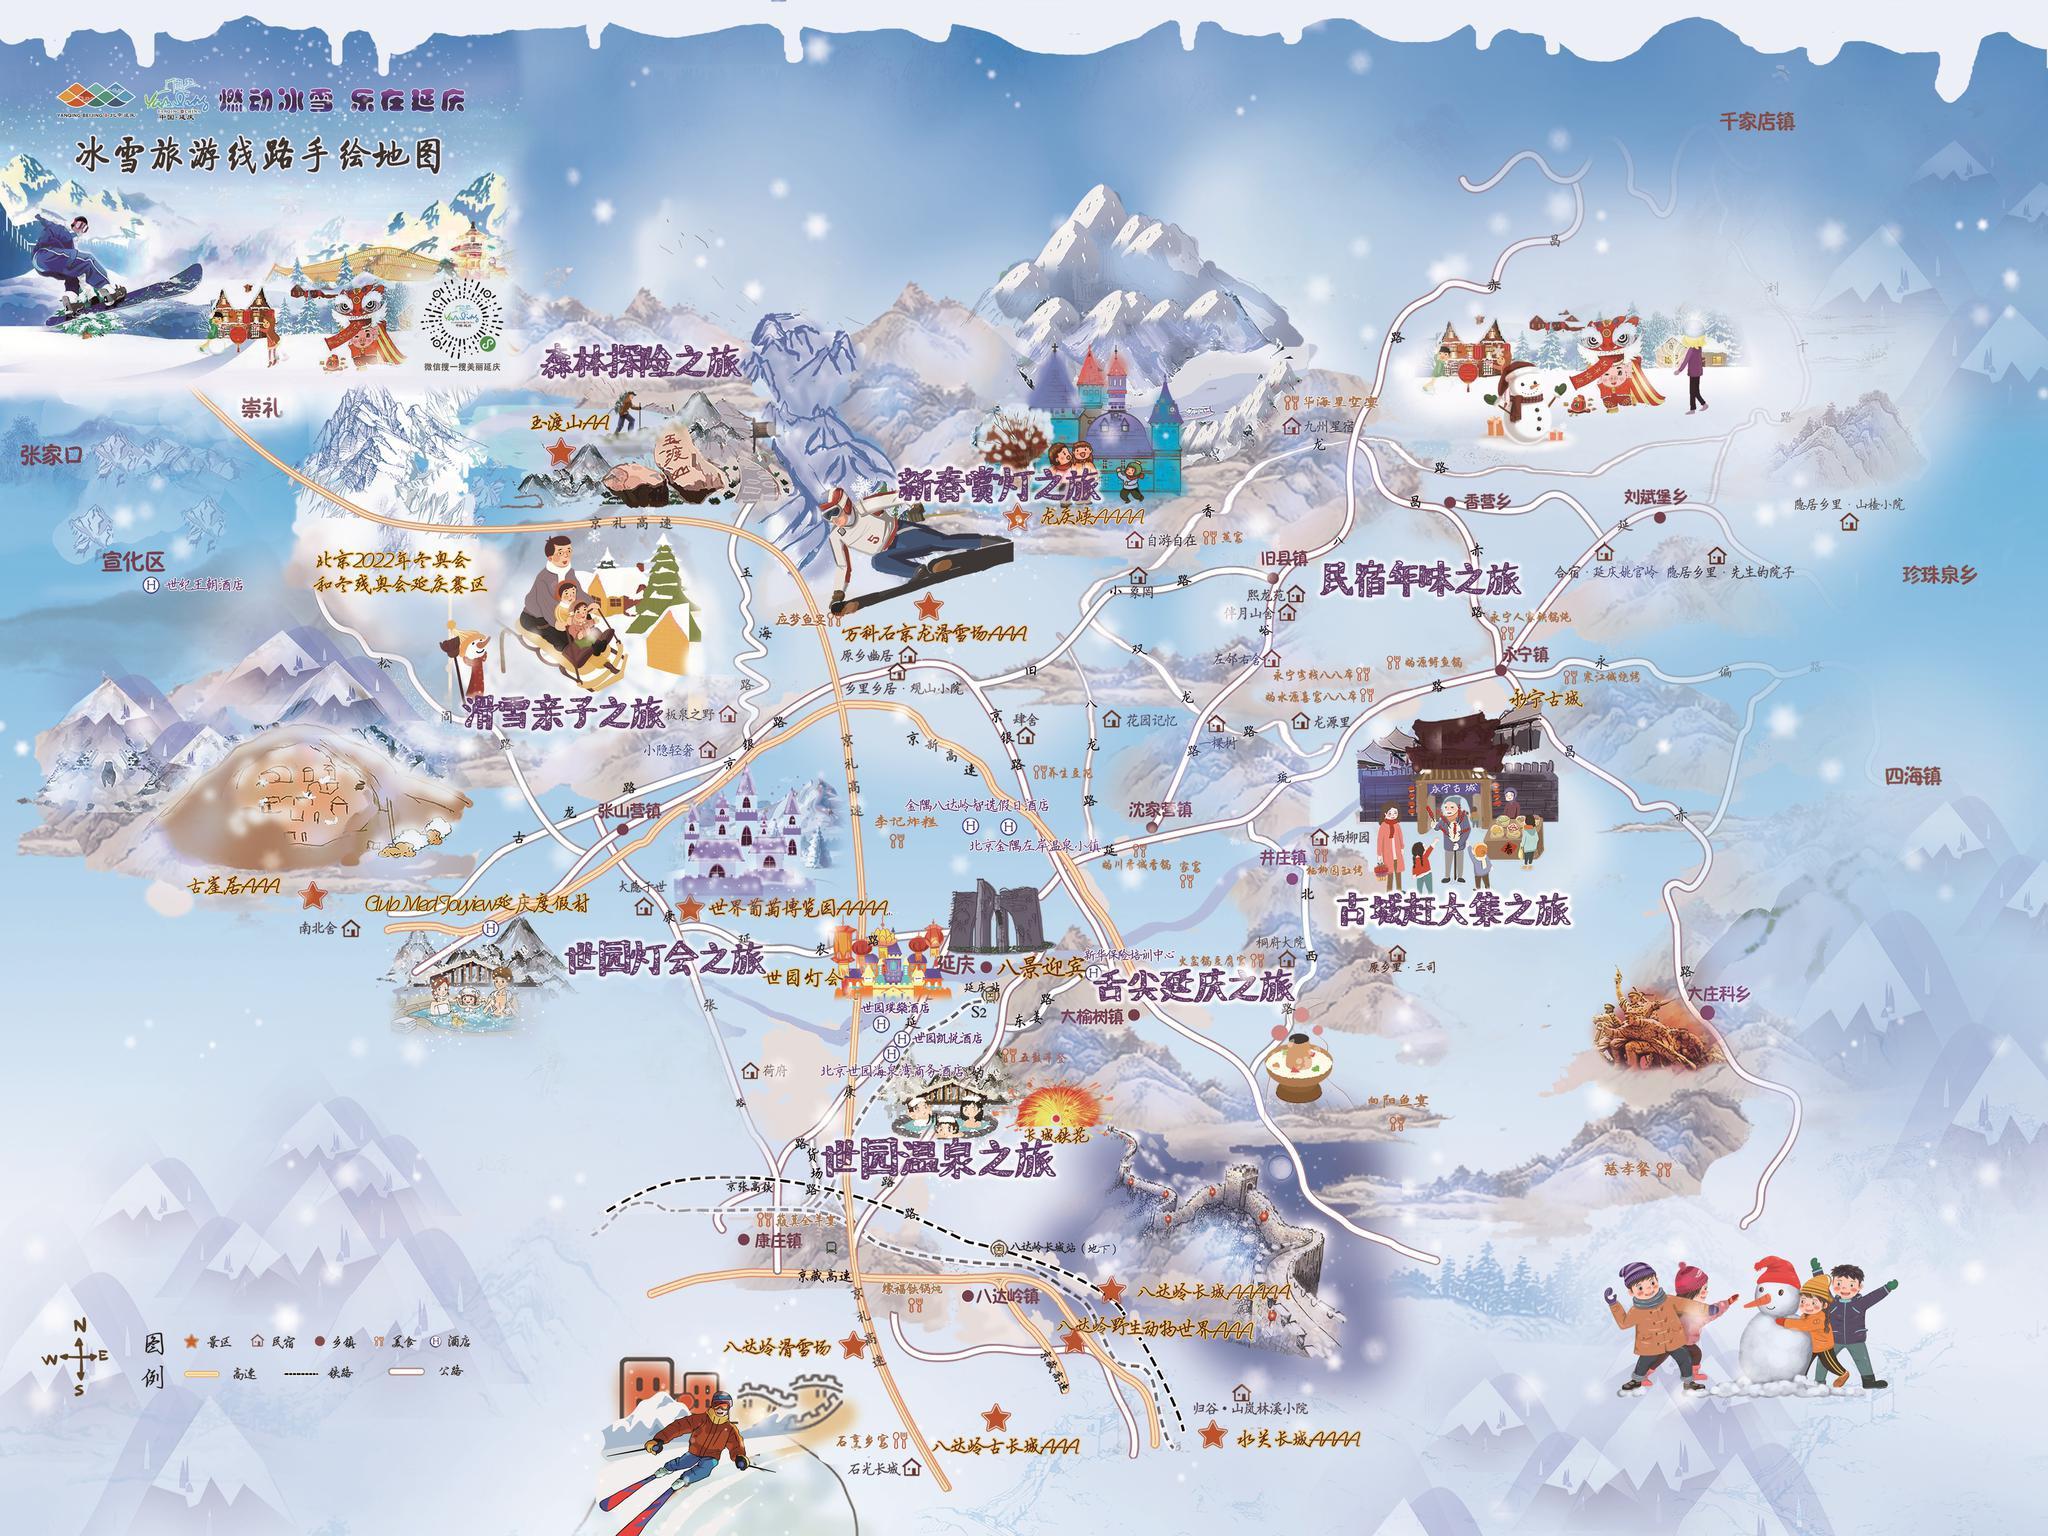 京张联手推出8条冬季旅游线路,延庆冰雪旅游打包推出图片